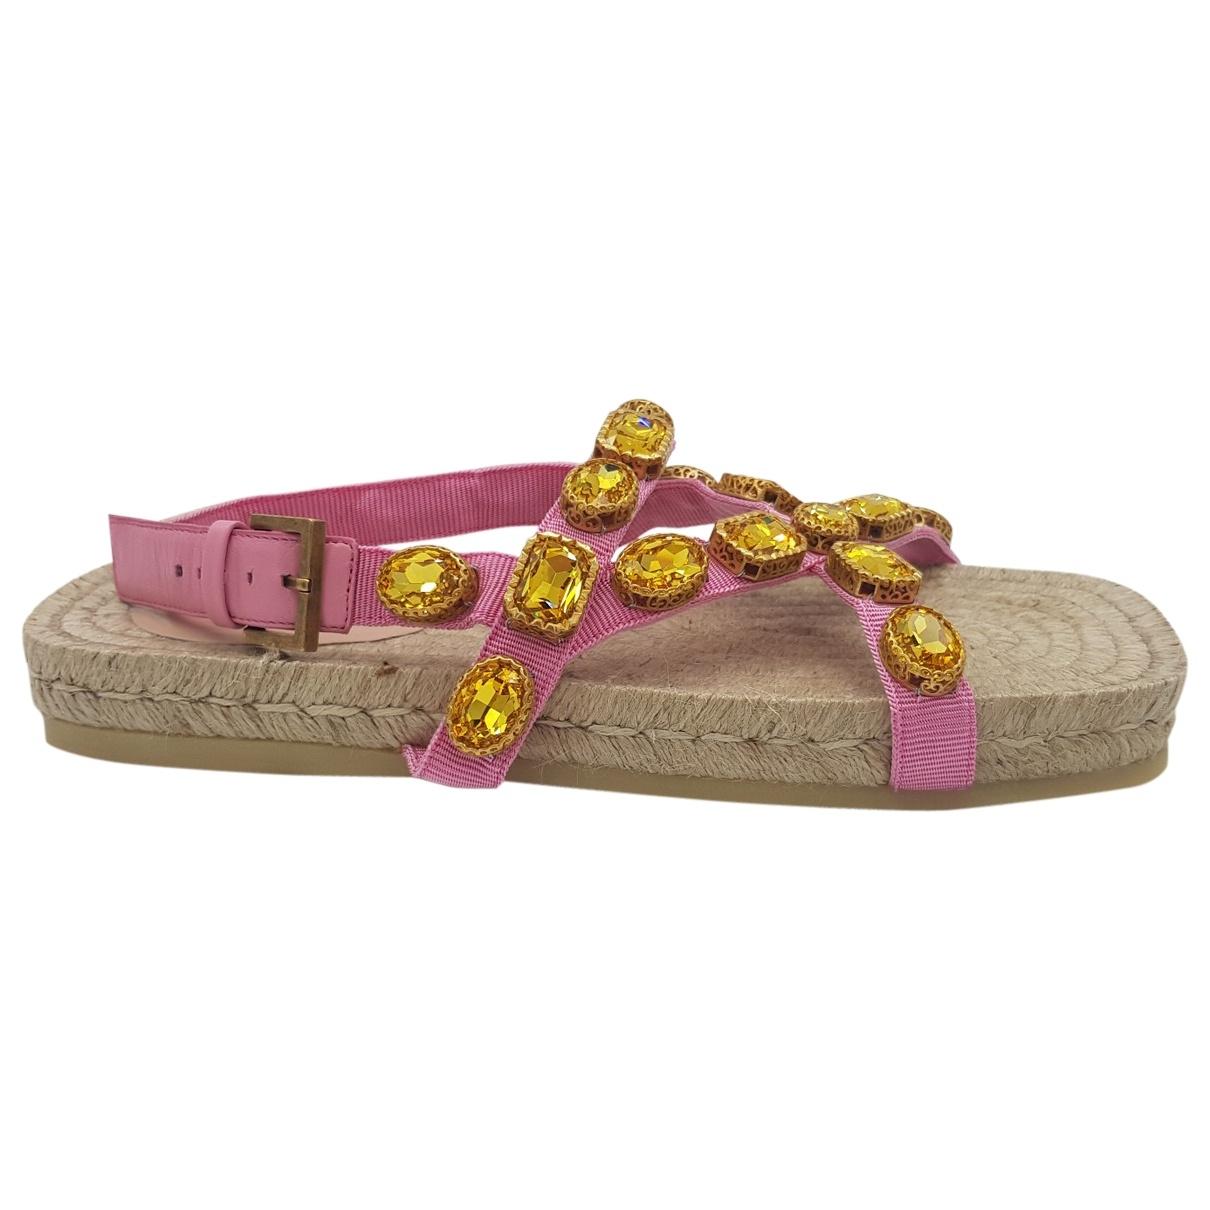 Gucci - Sandales   pour femme en toile - rose